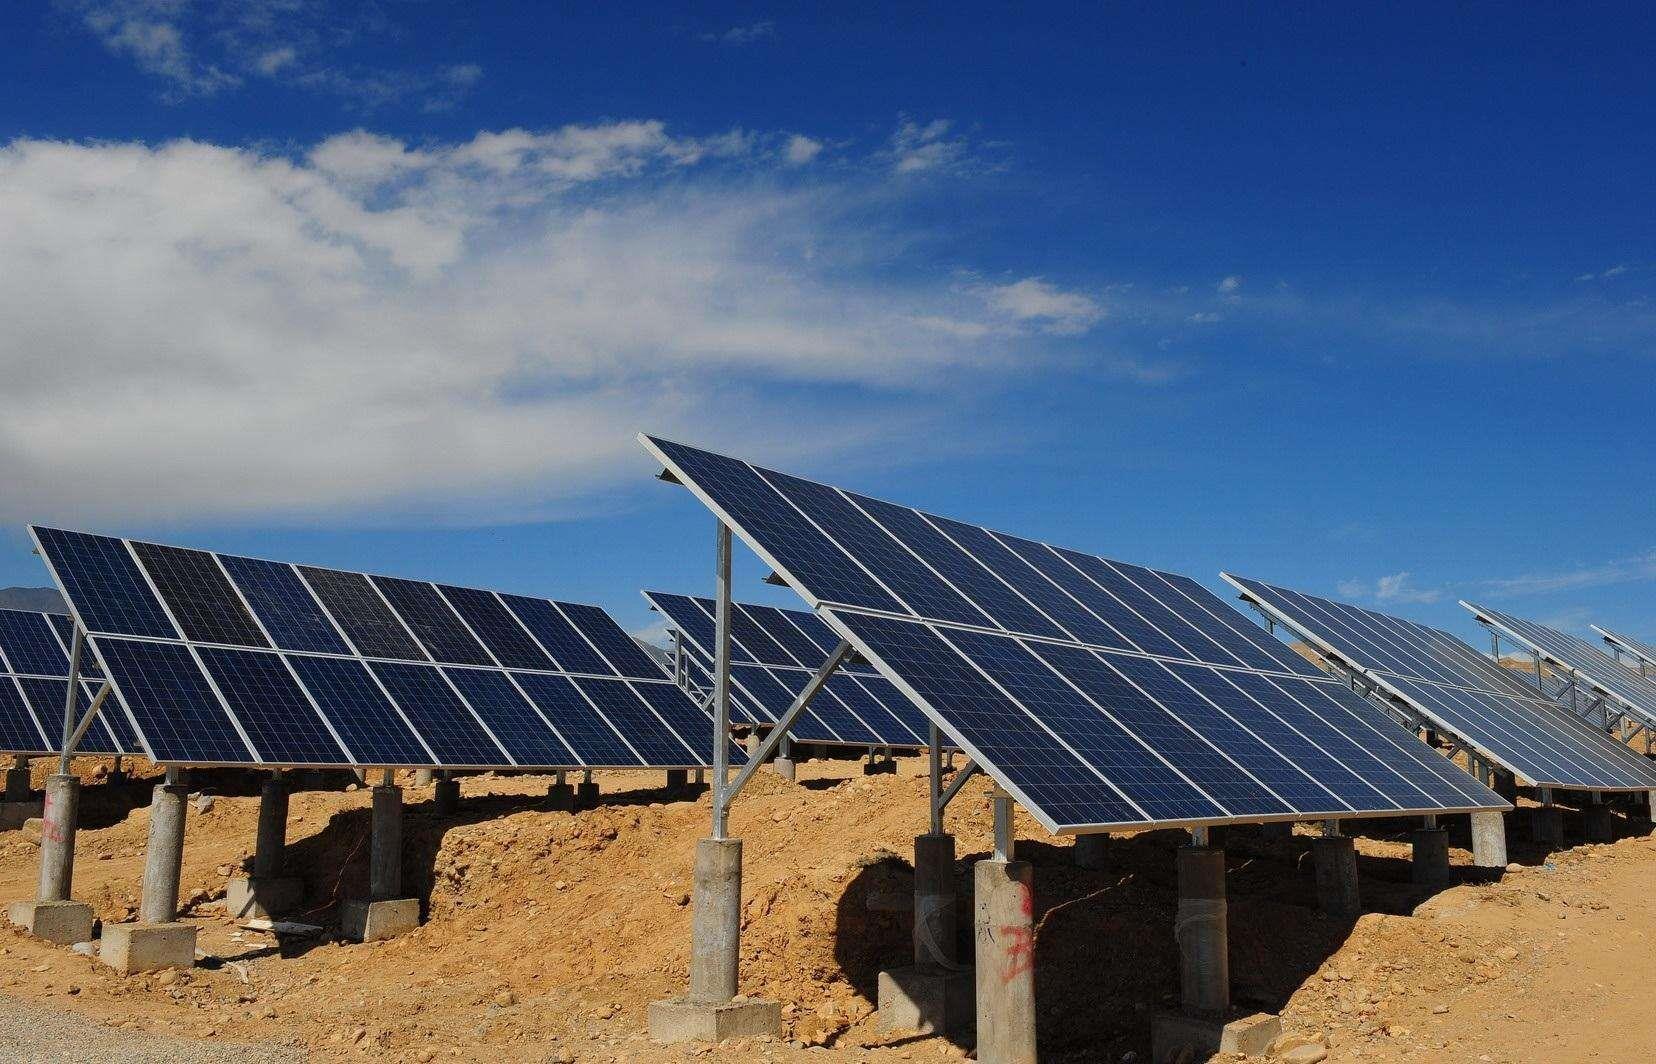 太阳能将成为西非未来威尼斯城系统主要来源